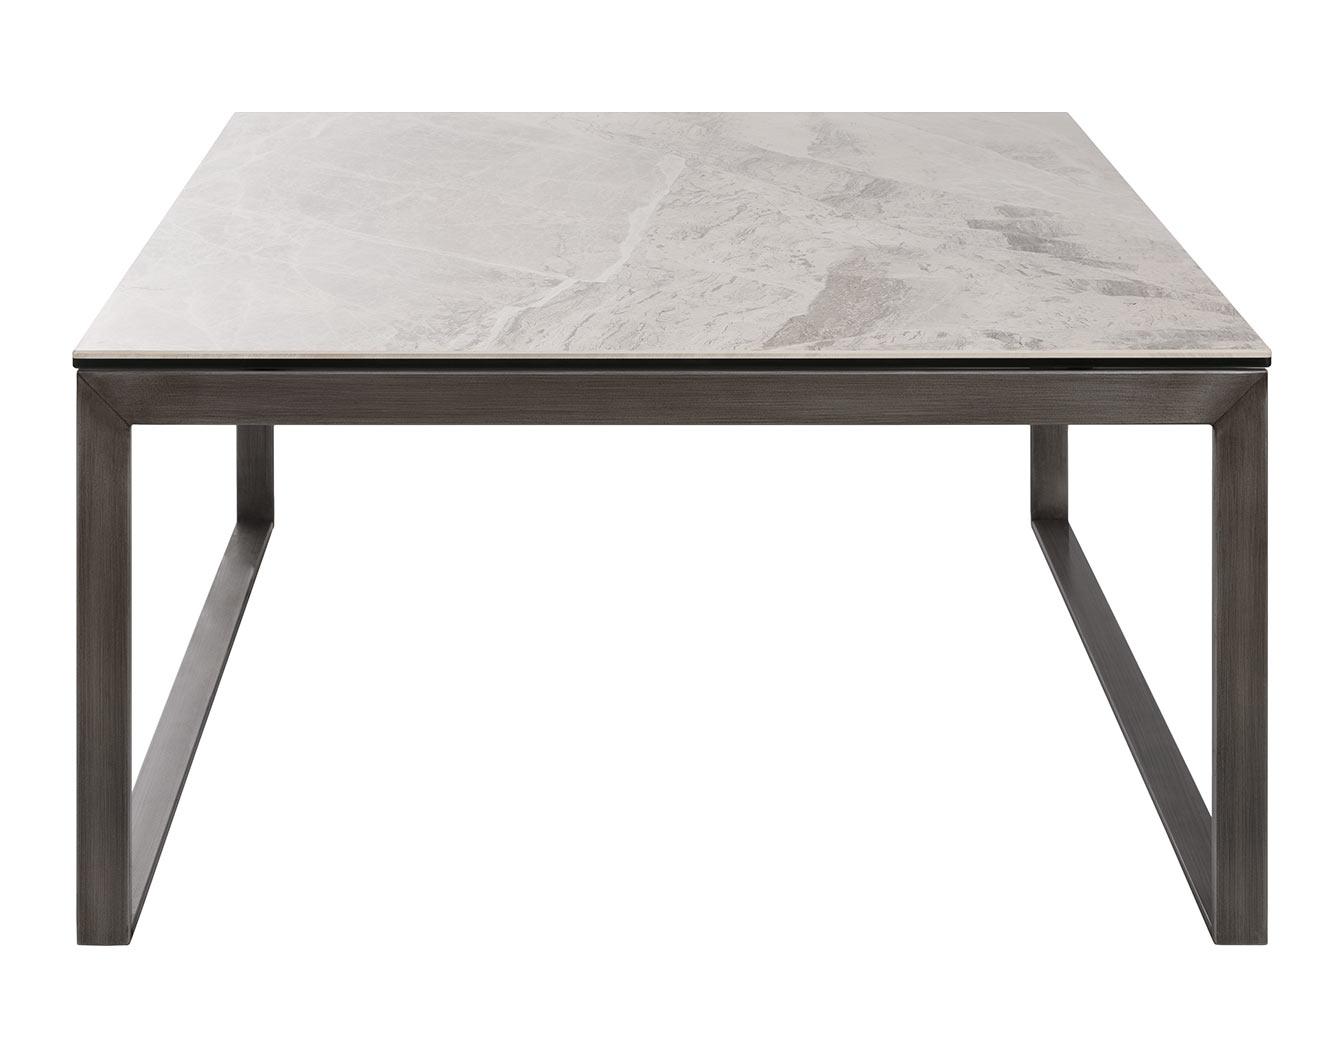 Стол журнальный Brighton S 4761 89х89 керамика светло-серый глянец